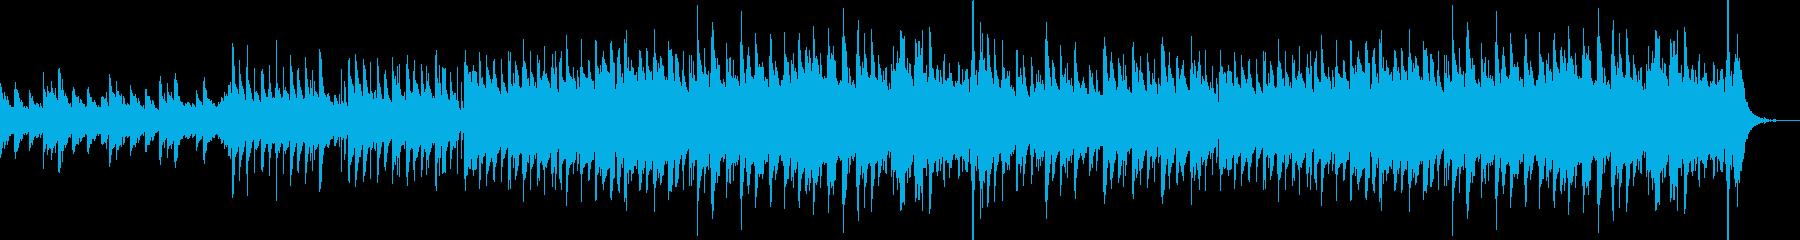 ピアノ中心の心あたたまるBGMの再生済みの波形